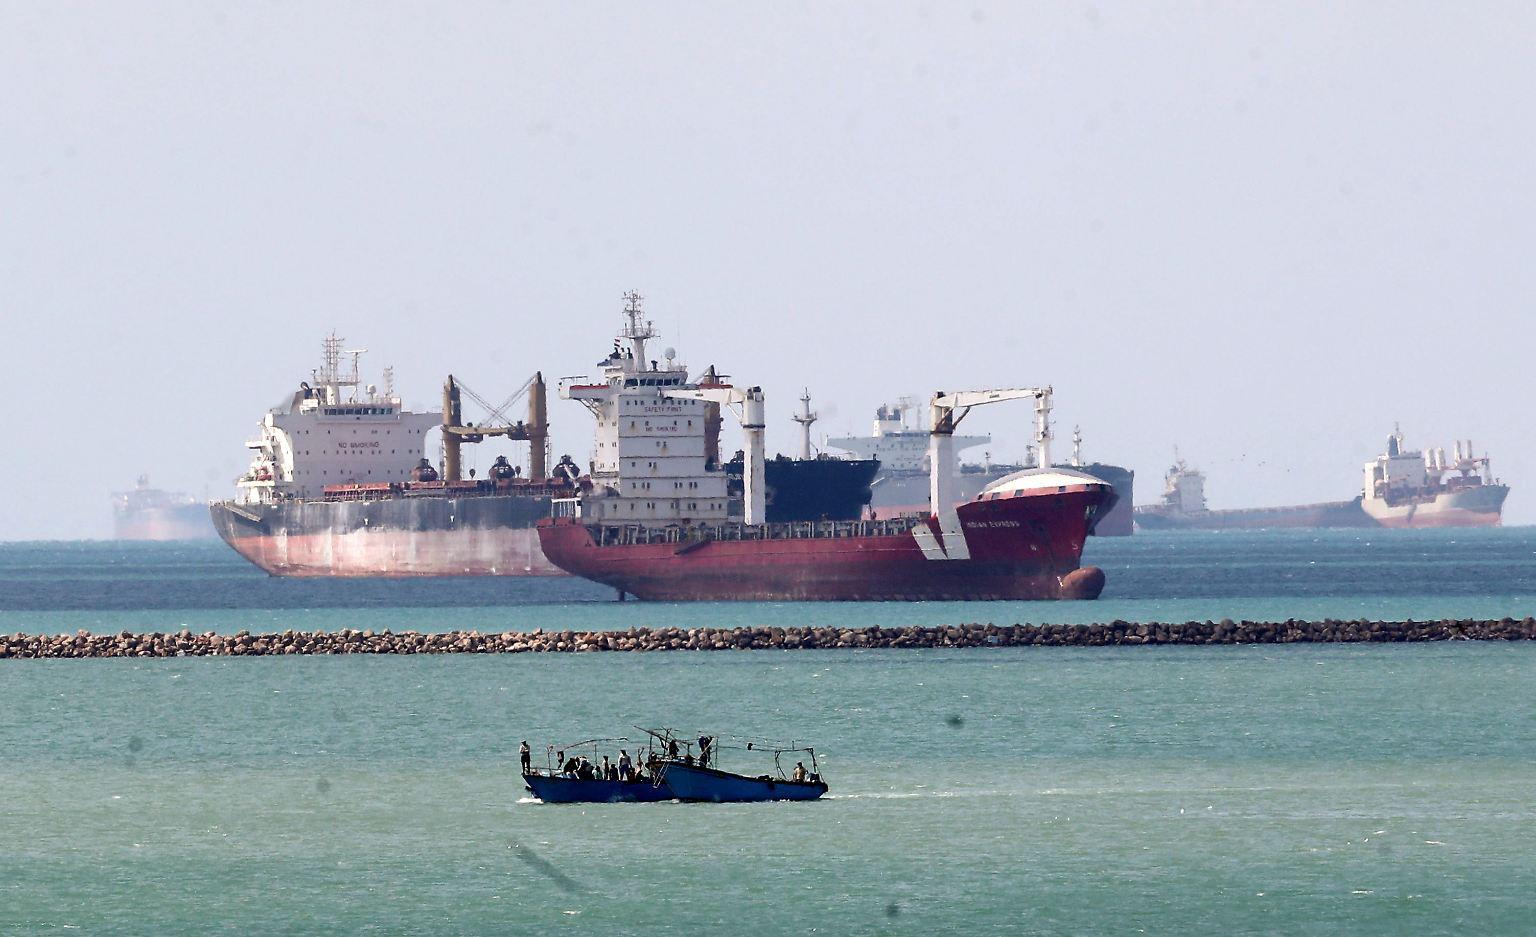 2021-03-29T110157Z_938909021_RC2ZKM9KH1DJ_RTRMADP_3_EGYPT-SUEZCANAL-SHIP-REINSURANCE.JPG